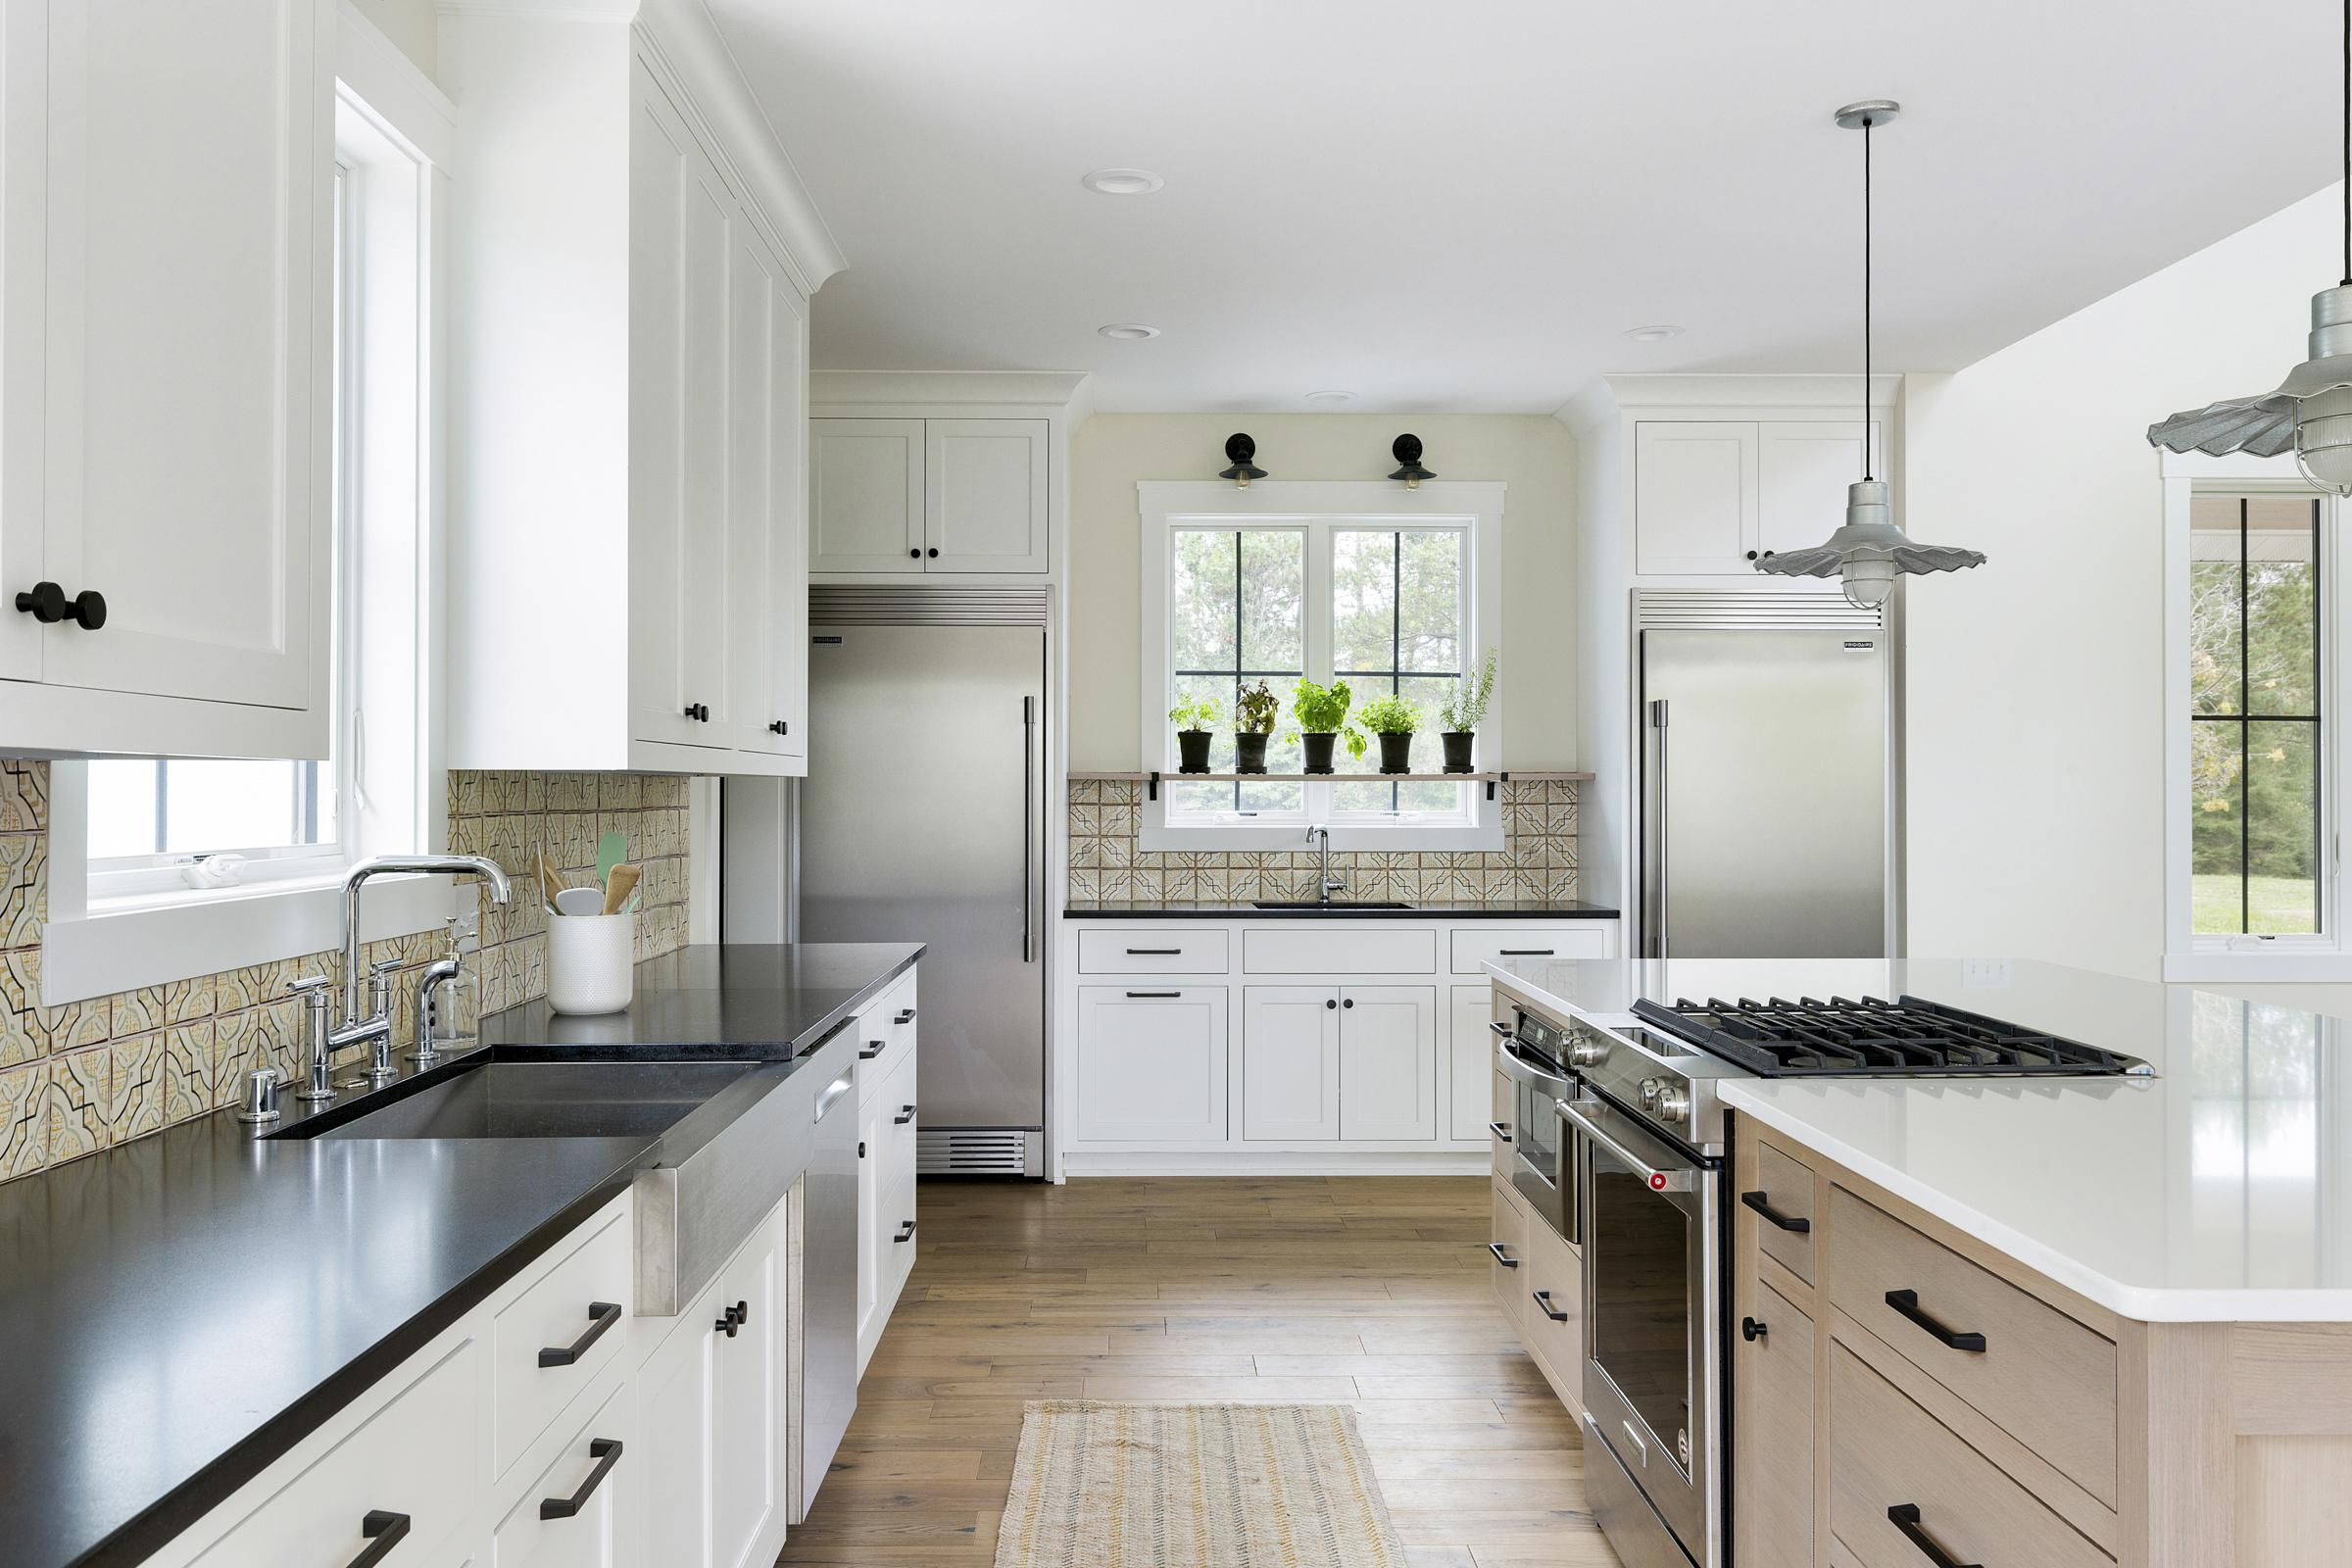 Home_Designer_StillwaterMN_11.jpg